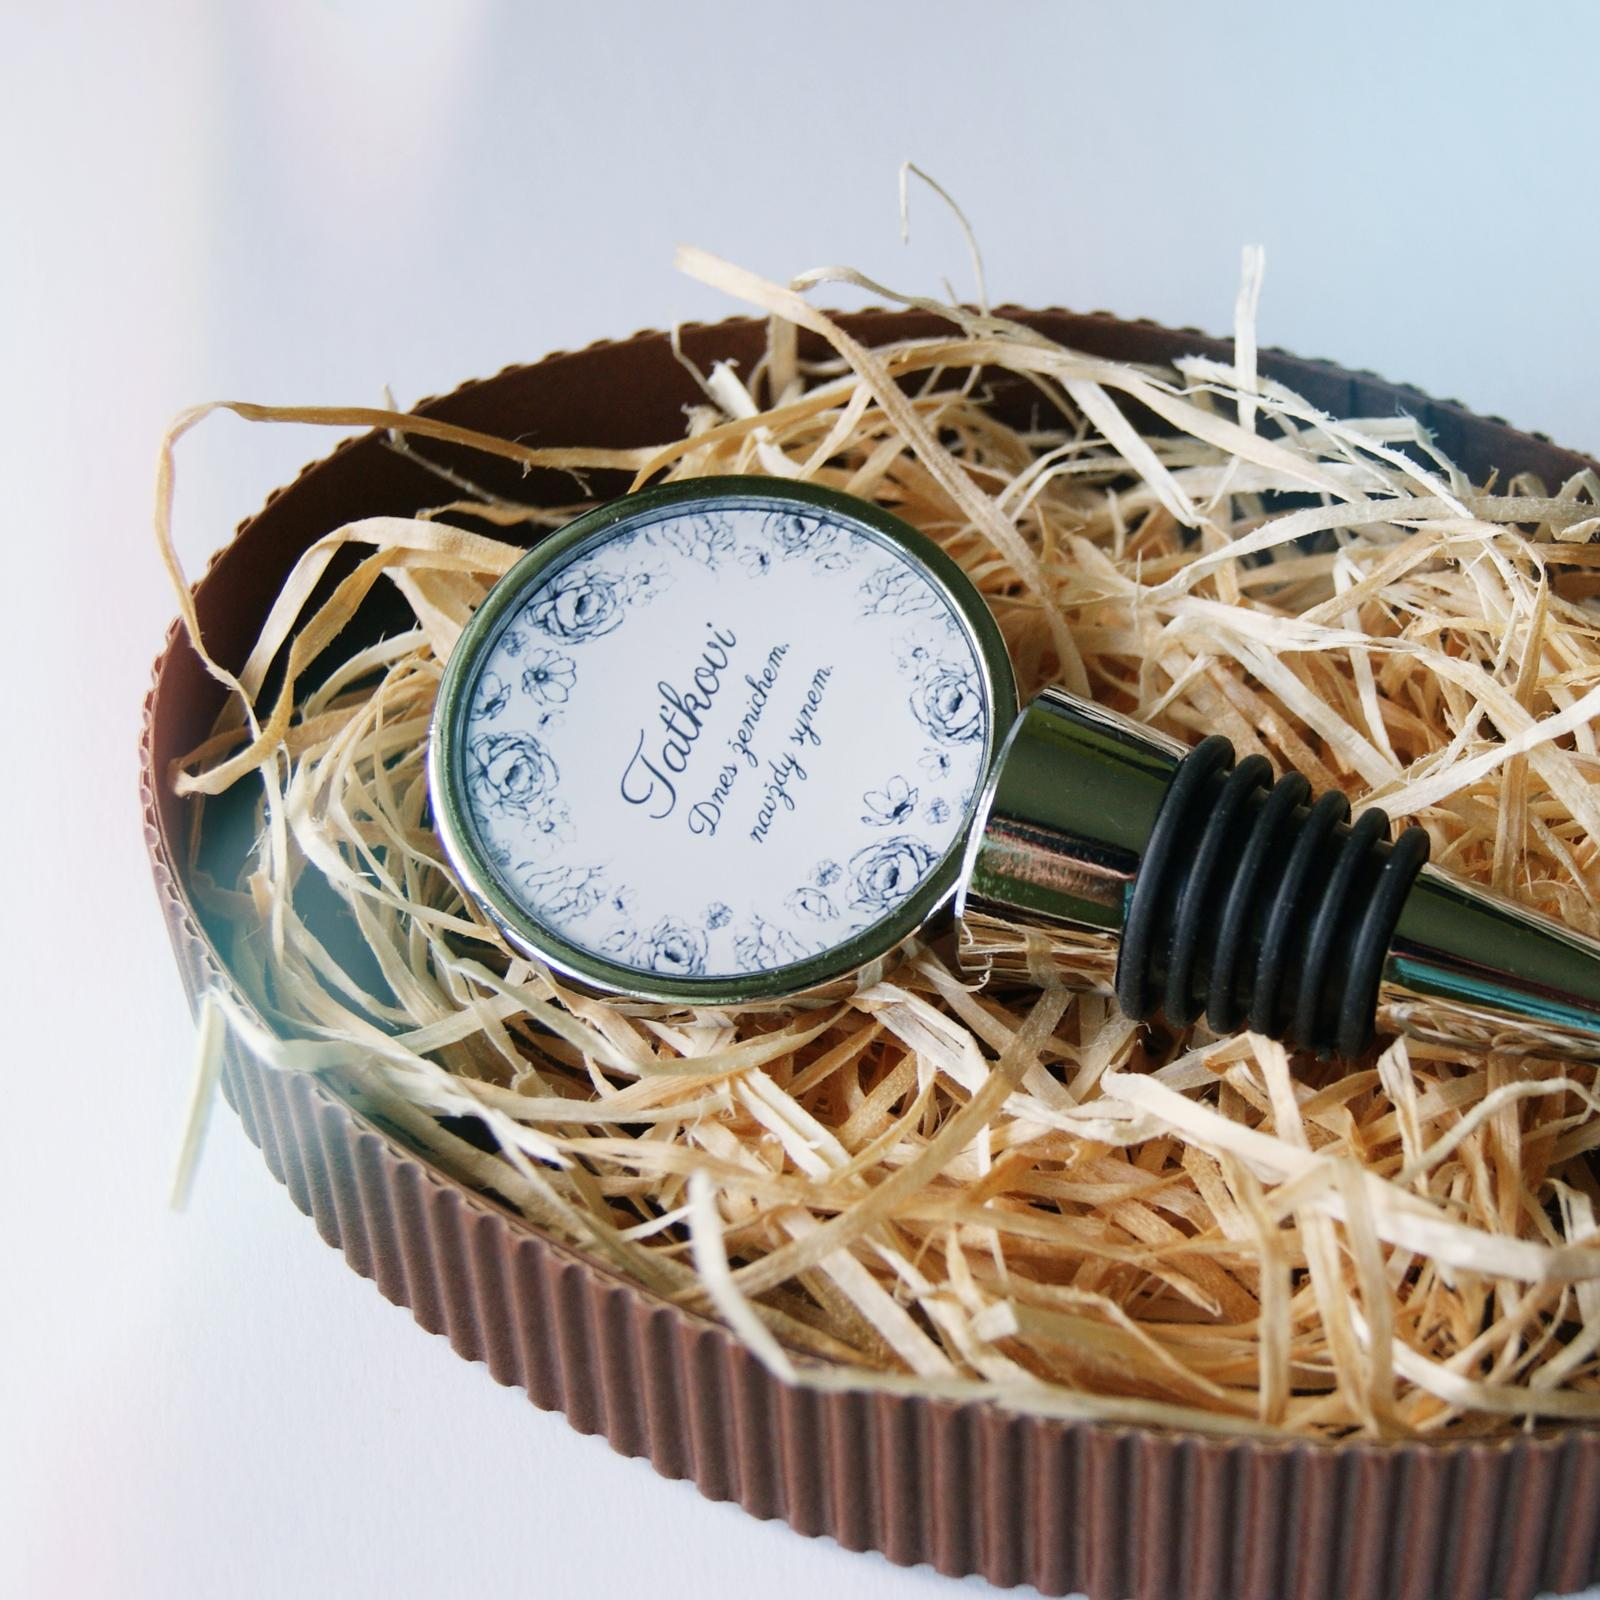 Svatby v druhé polovině roku 2016 - Zátka na víno pro tatínka ženicha v naší ručně dělané krabičce